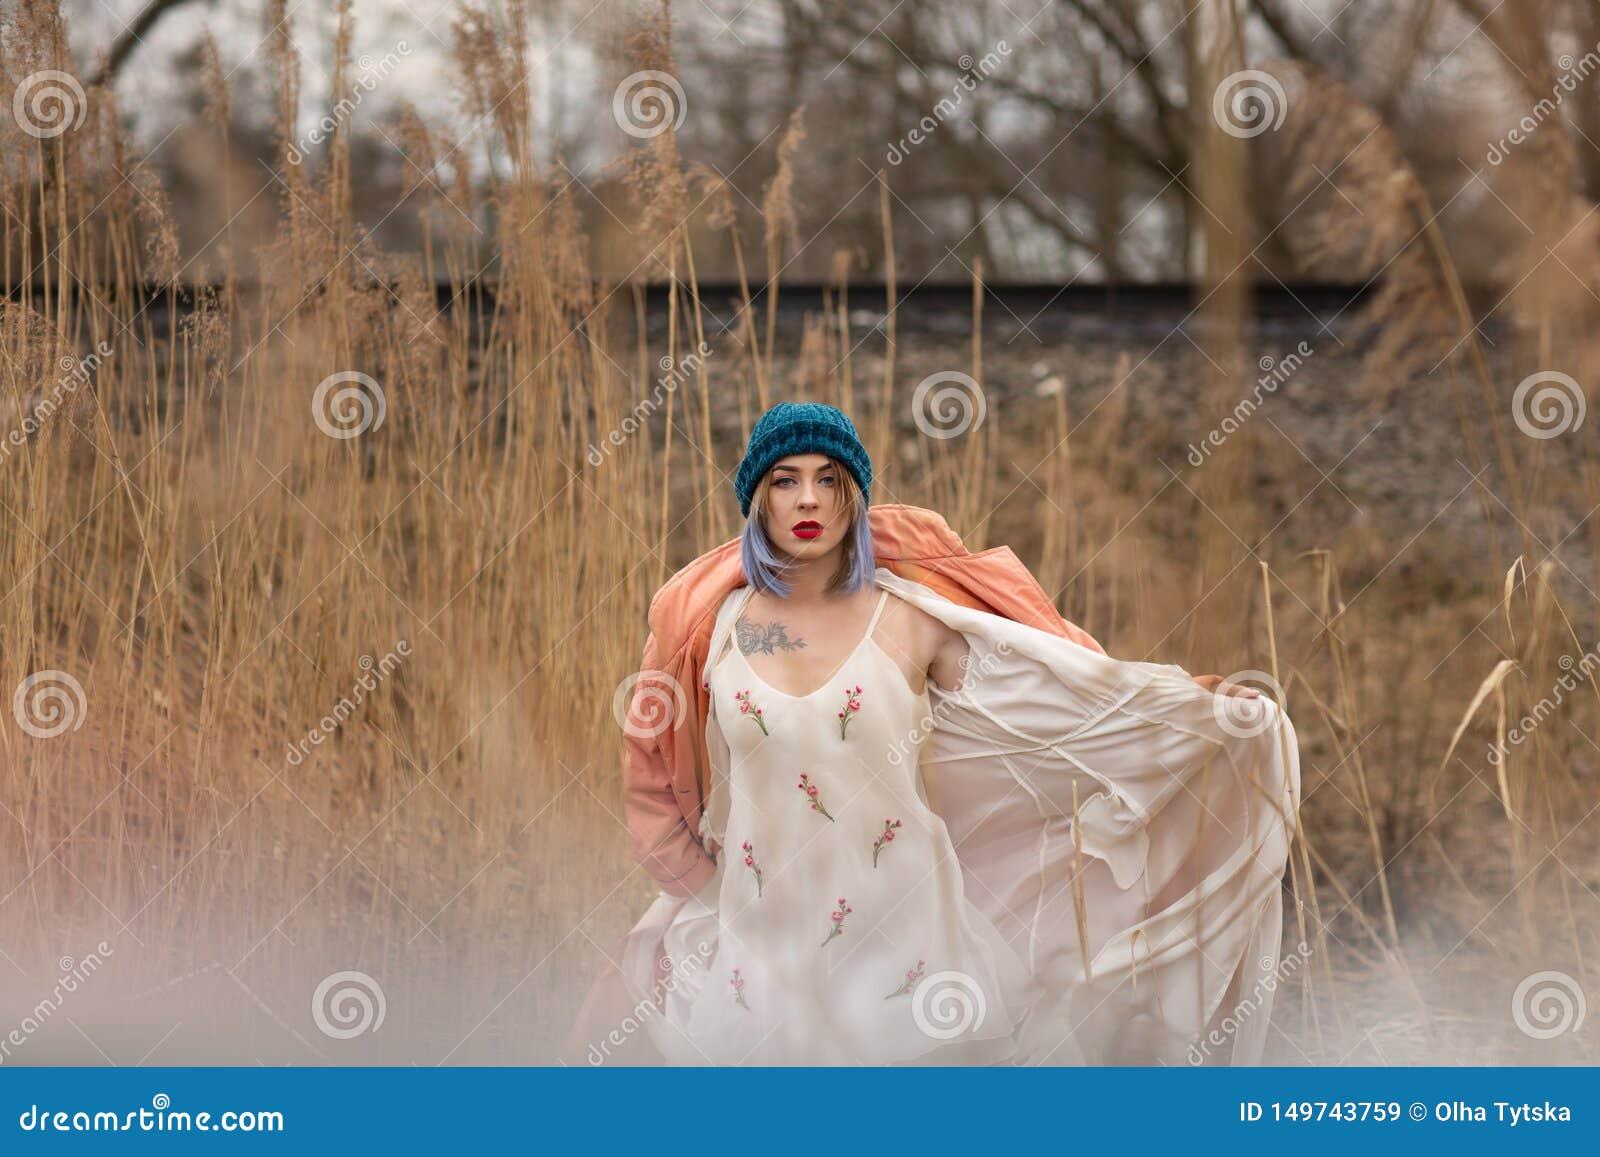 Una chica joven en un vestido blanco hermoso y un sombrero elegante presenta en un campo de trigo